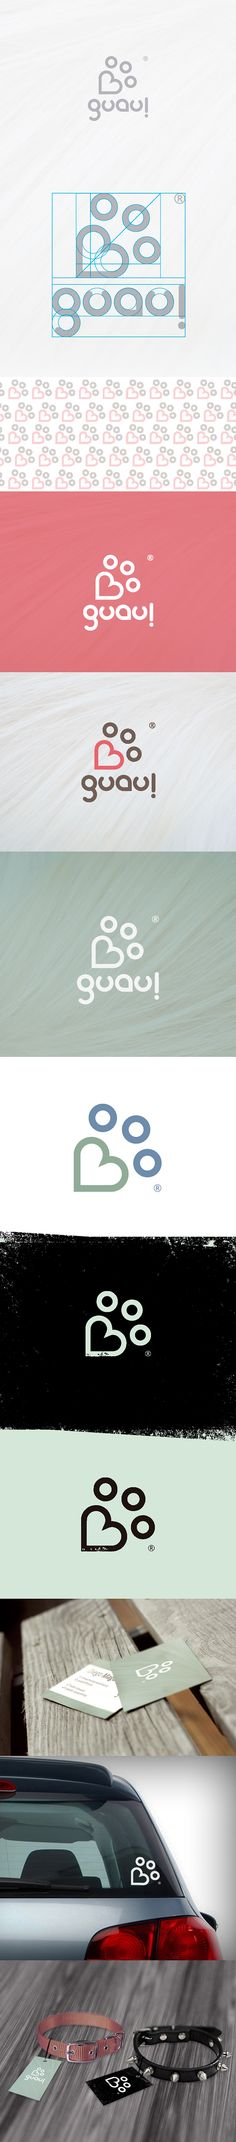 Logotipo para tienda de mascotas.